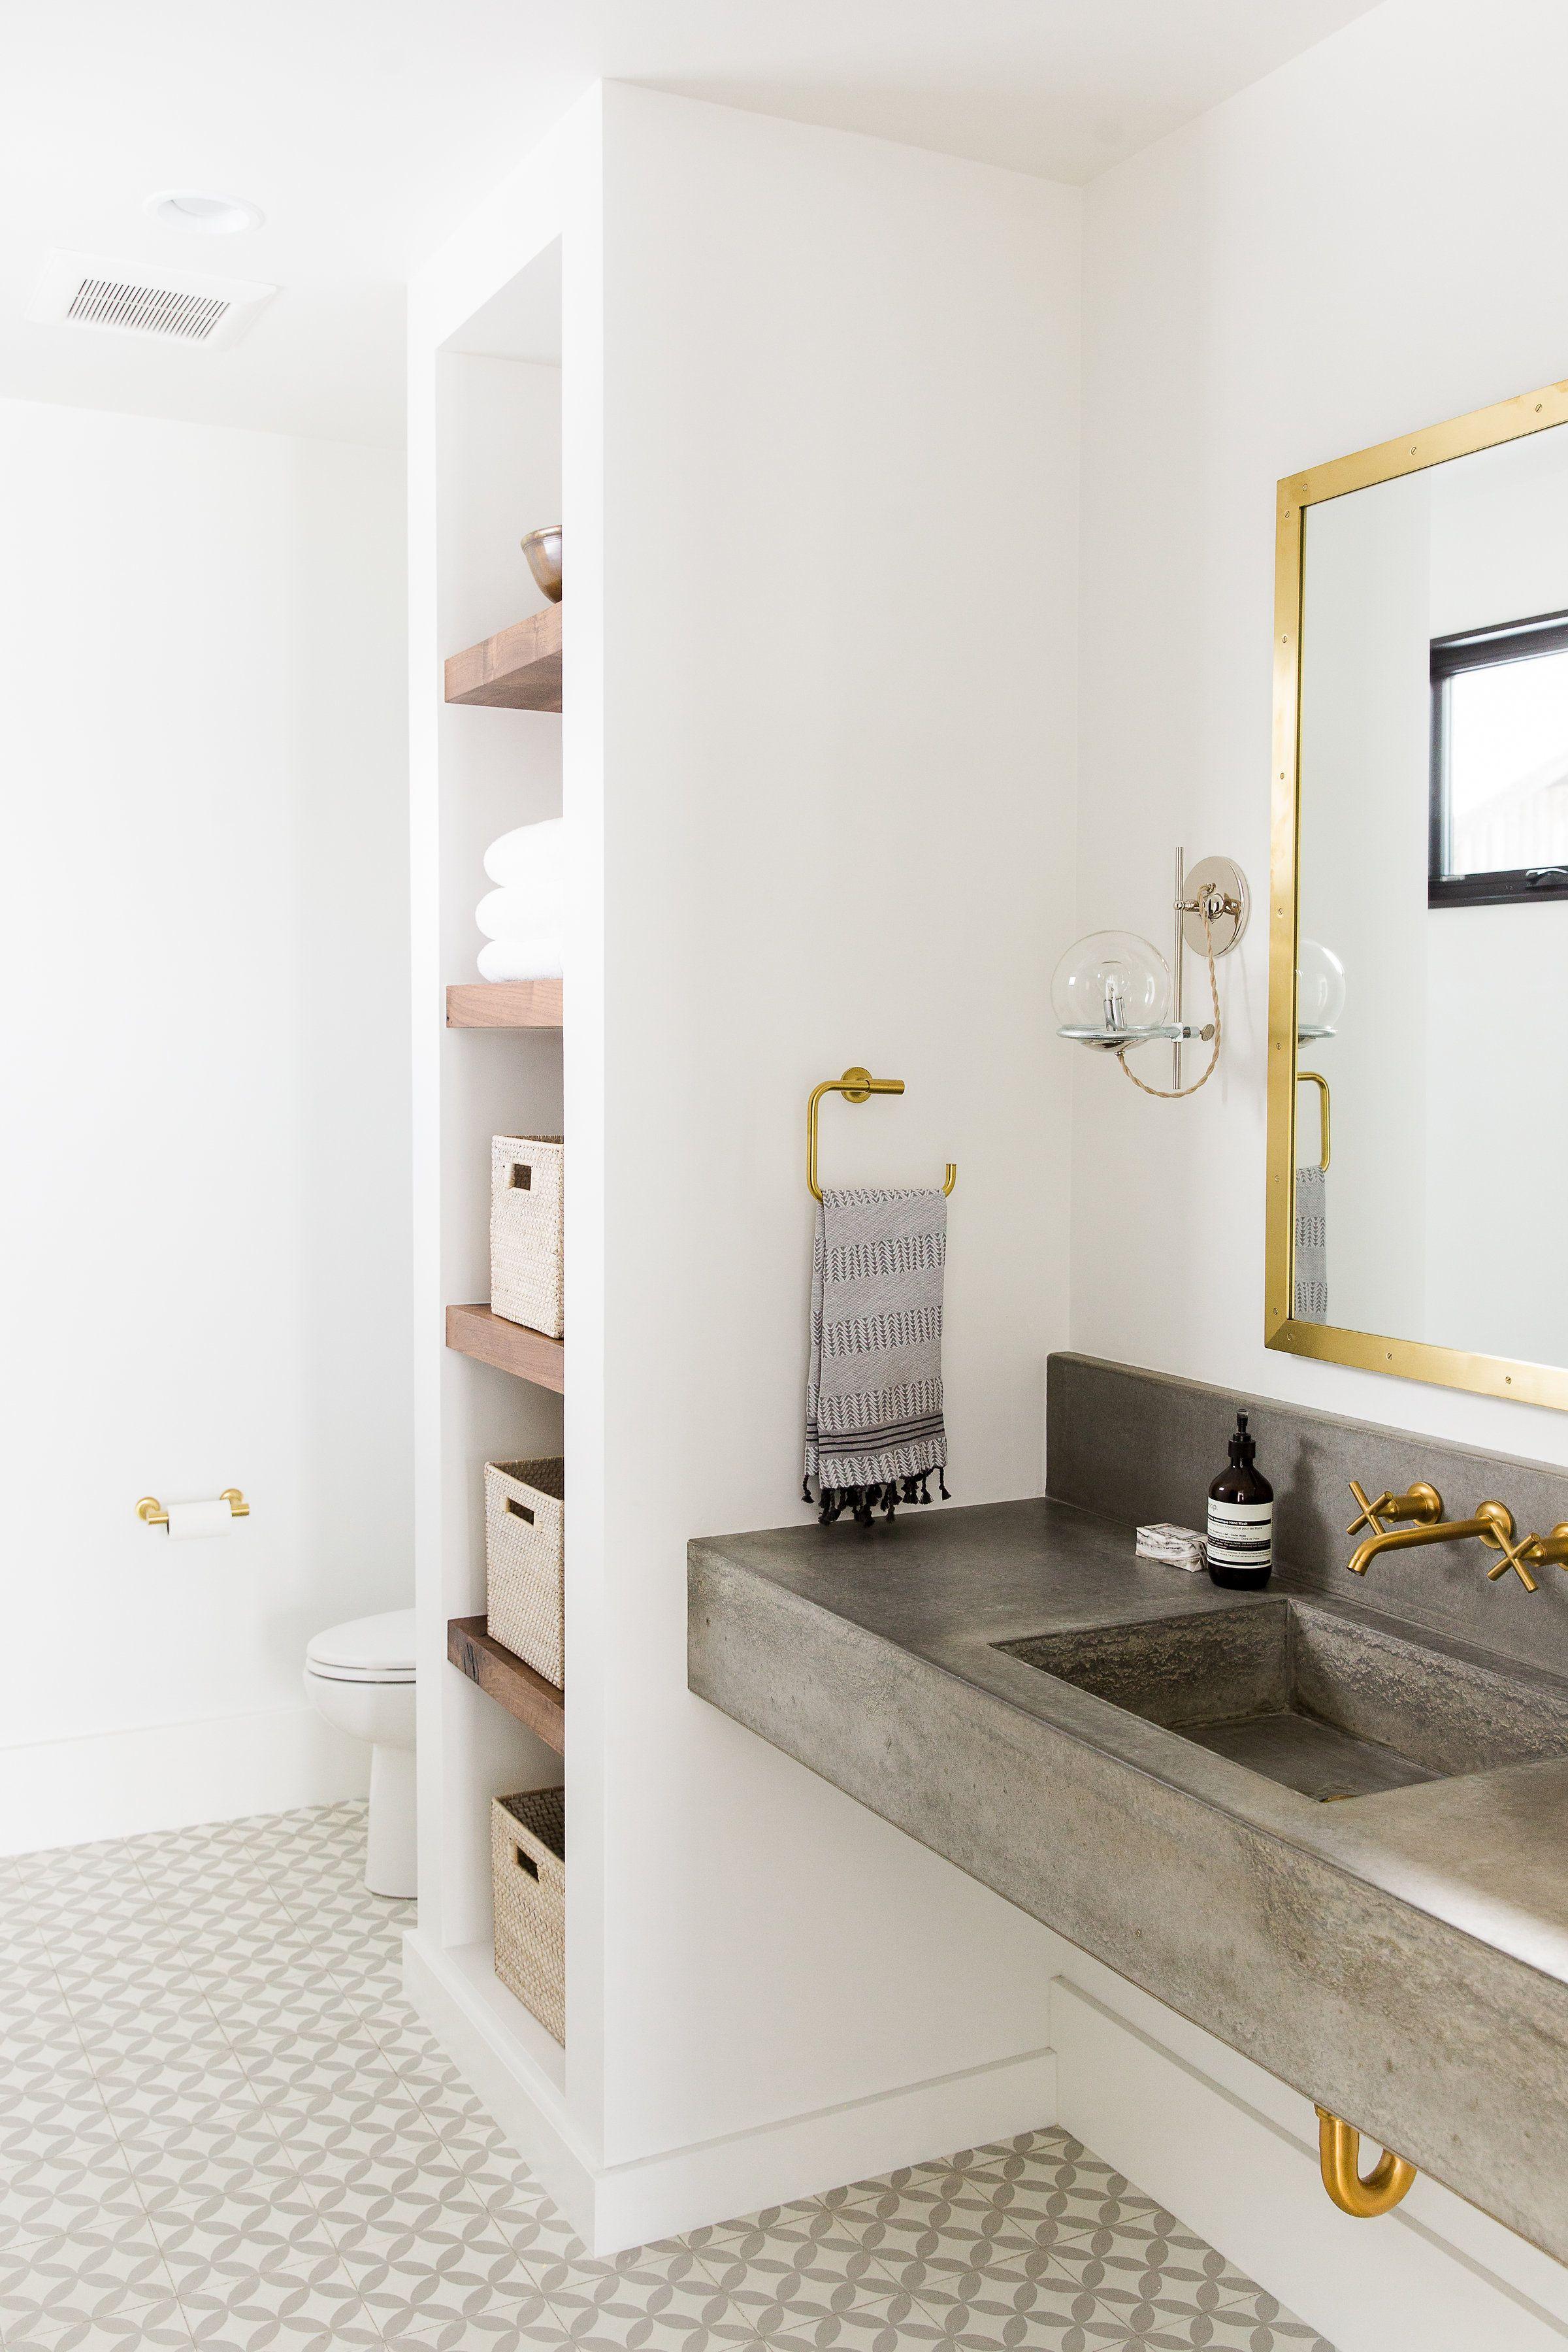 Encimera microcemento con altillo Bathroom Ba os